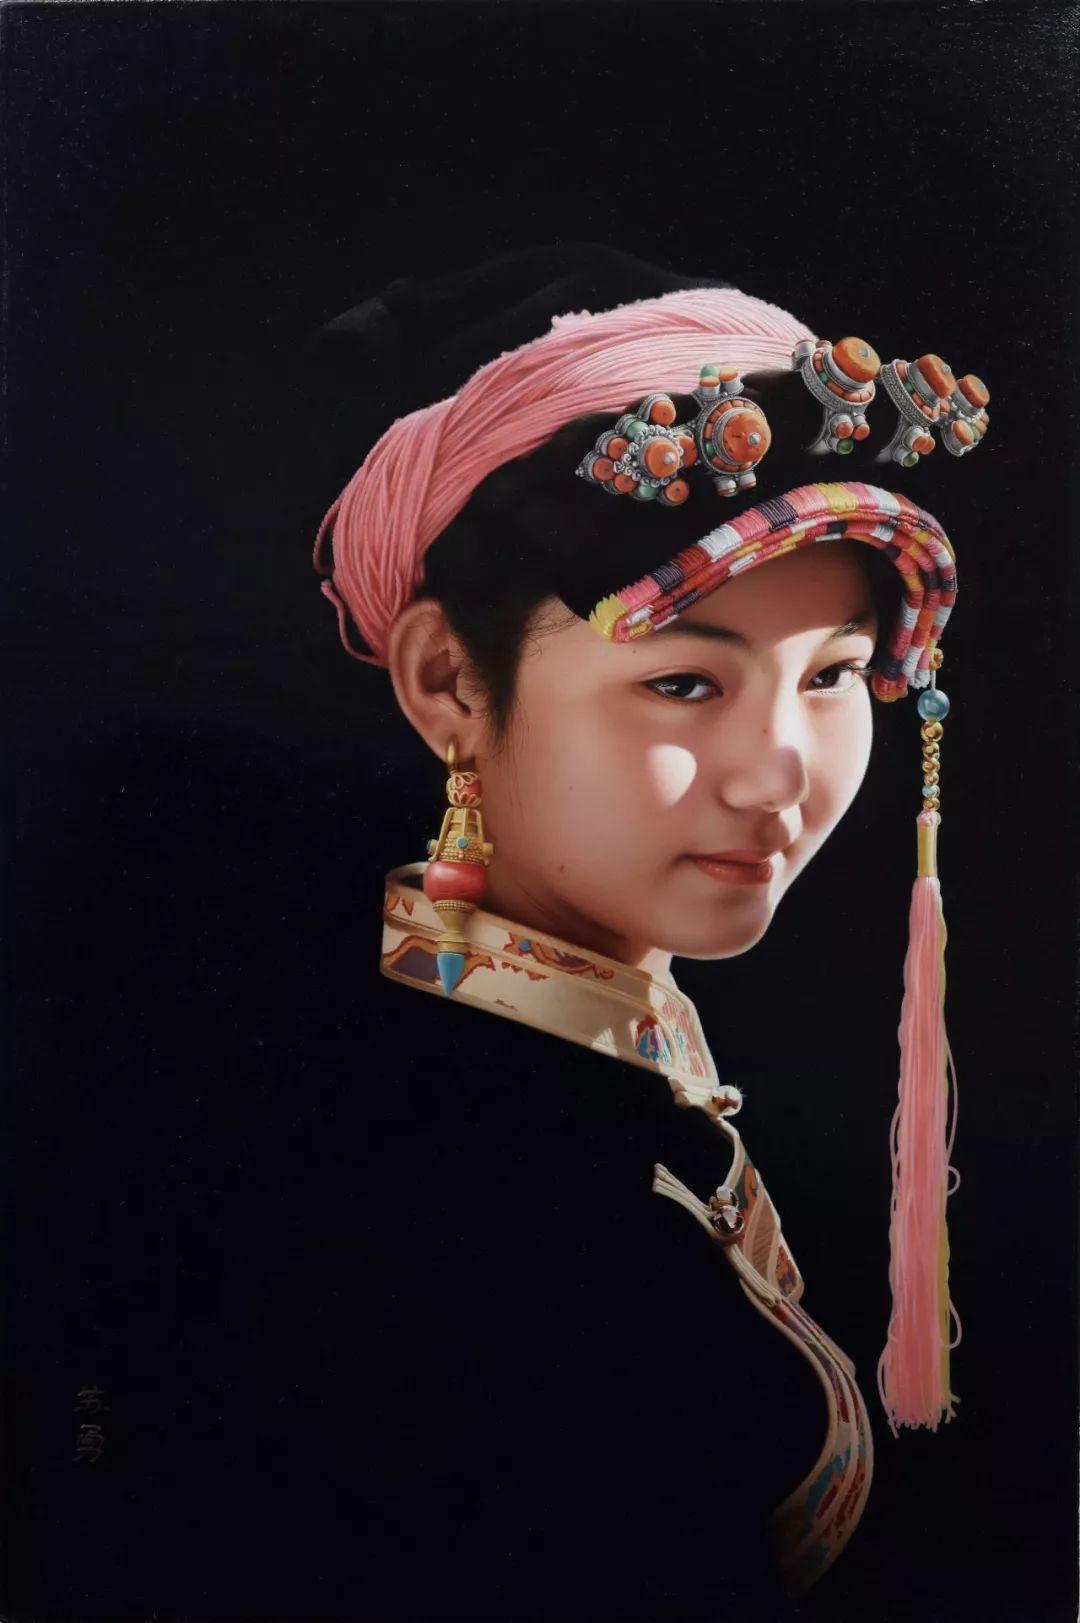 他一幅画,180天,1200颗珠子,每一颗都独一无二,让人心生敬畏!插图41